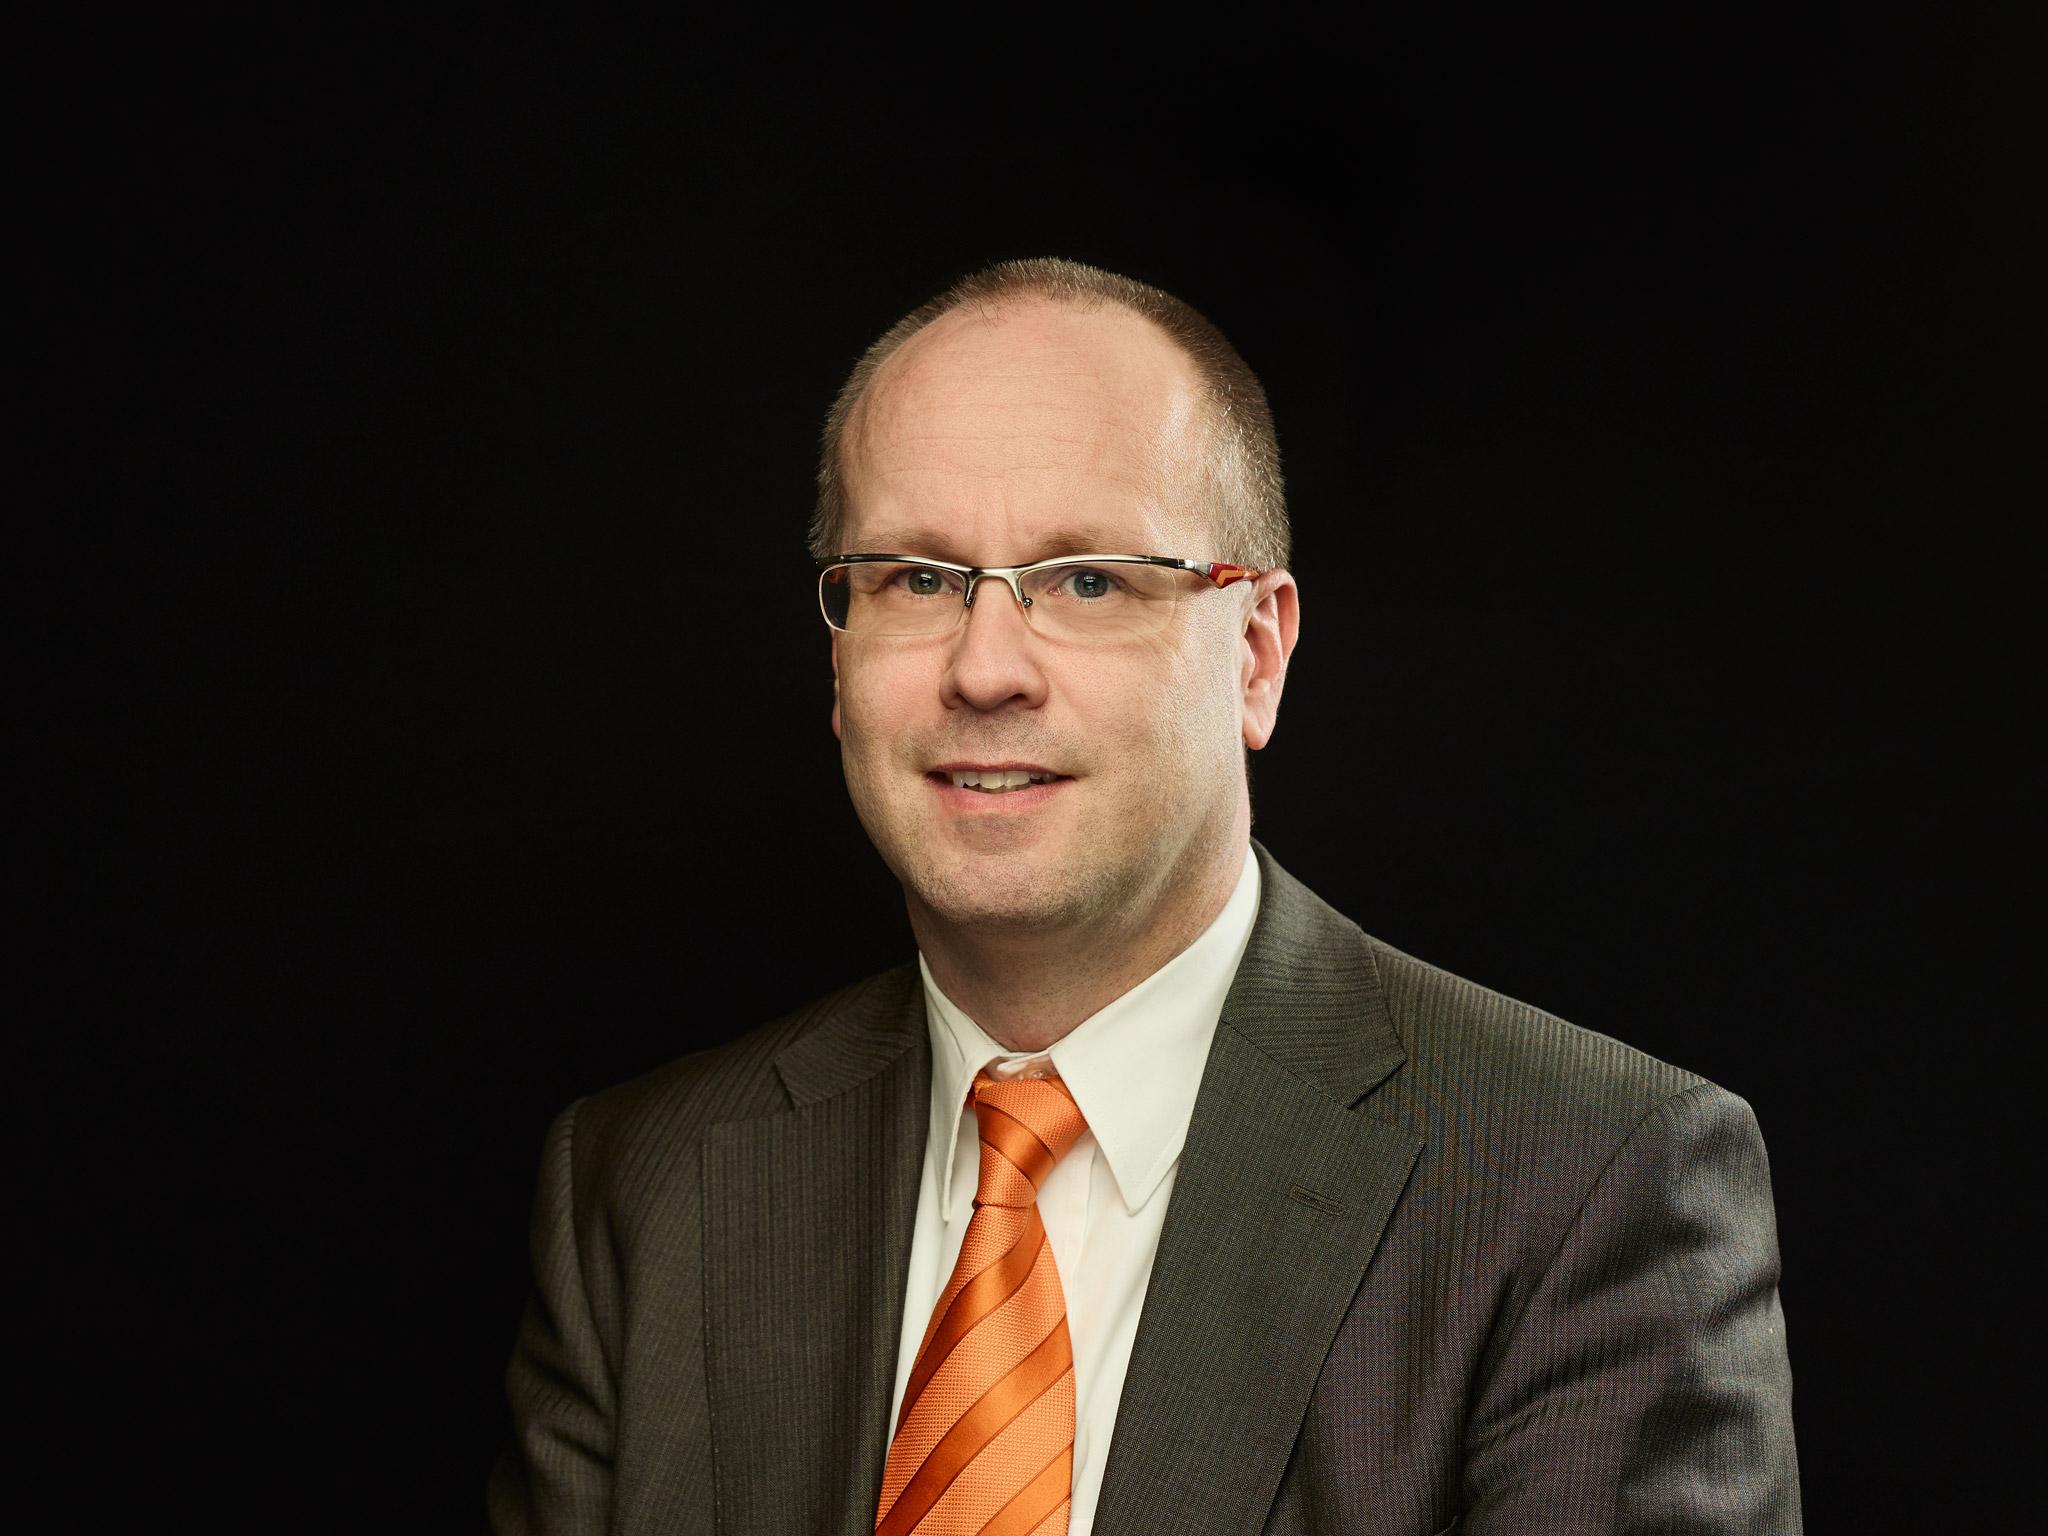 Michael Erdmann